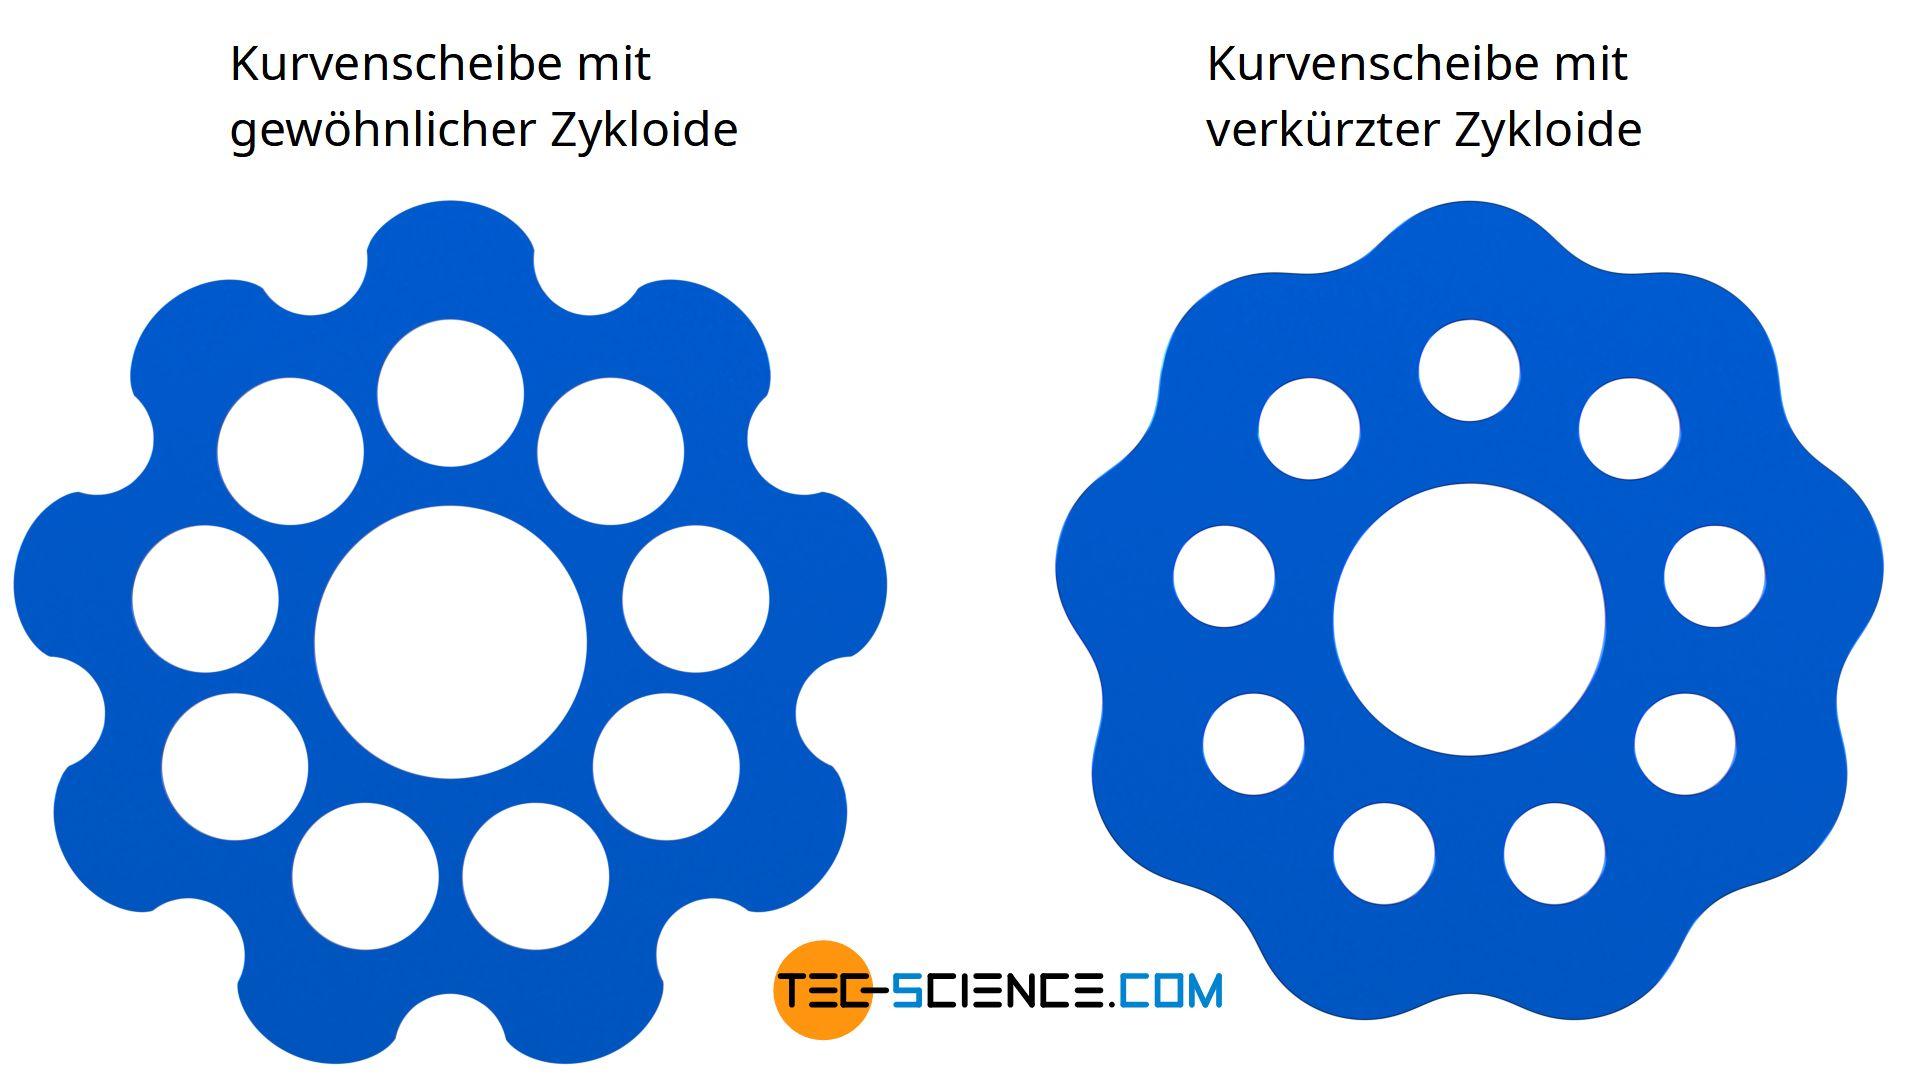 de-zykloiden-verzahnung-zykloid-getriebe-konstruktion-gewoehnliche-verkuerzte-zykloide